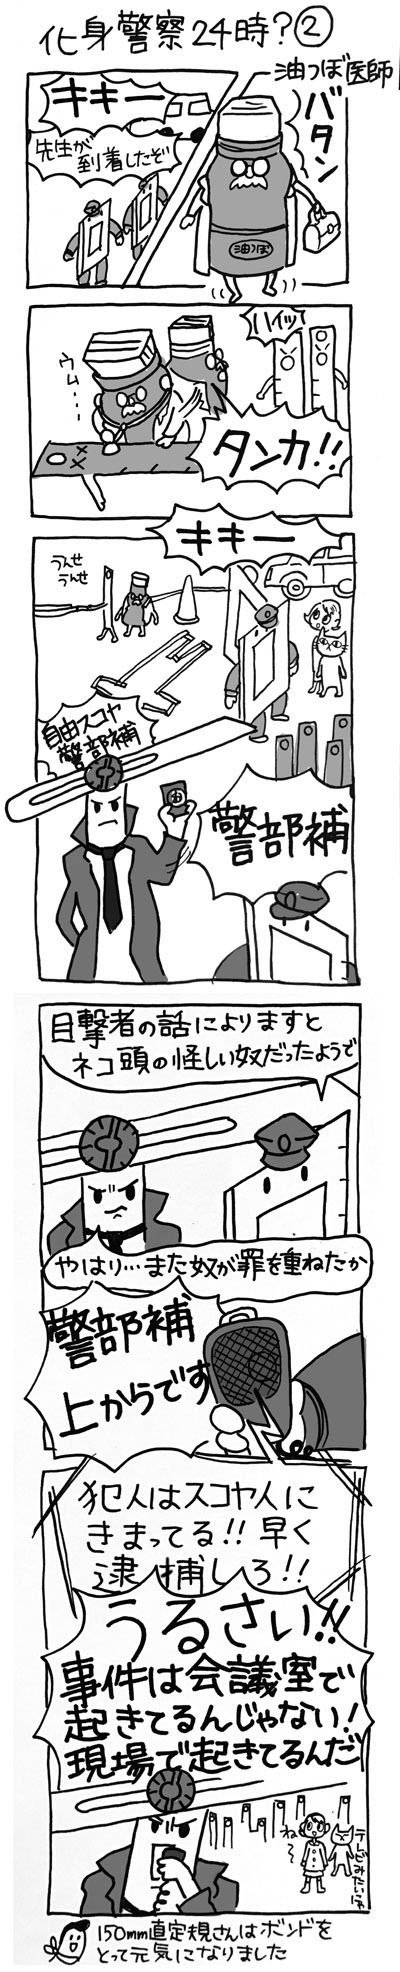 木工漫画 化身警察24時② 0118-1